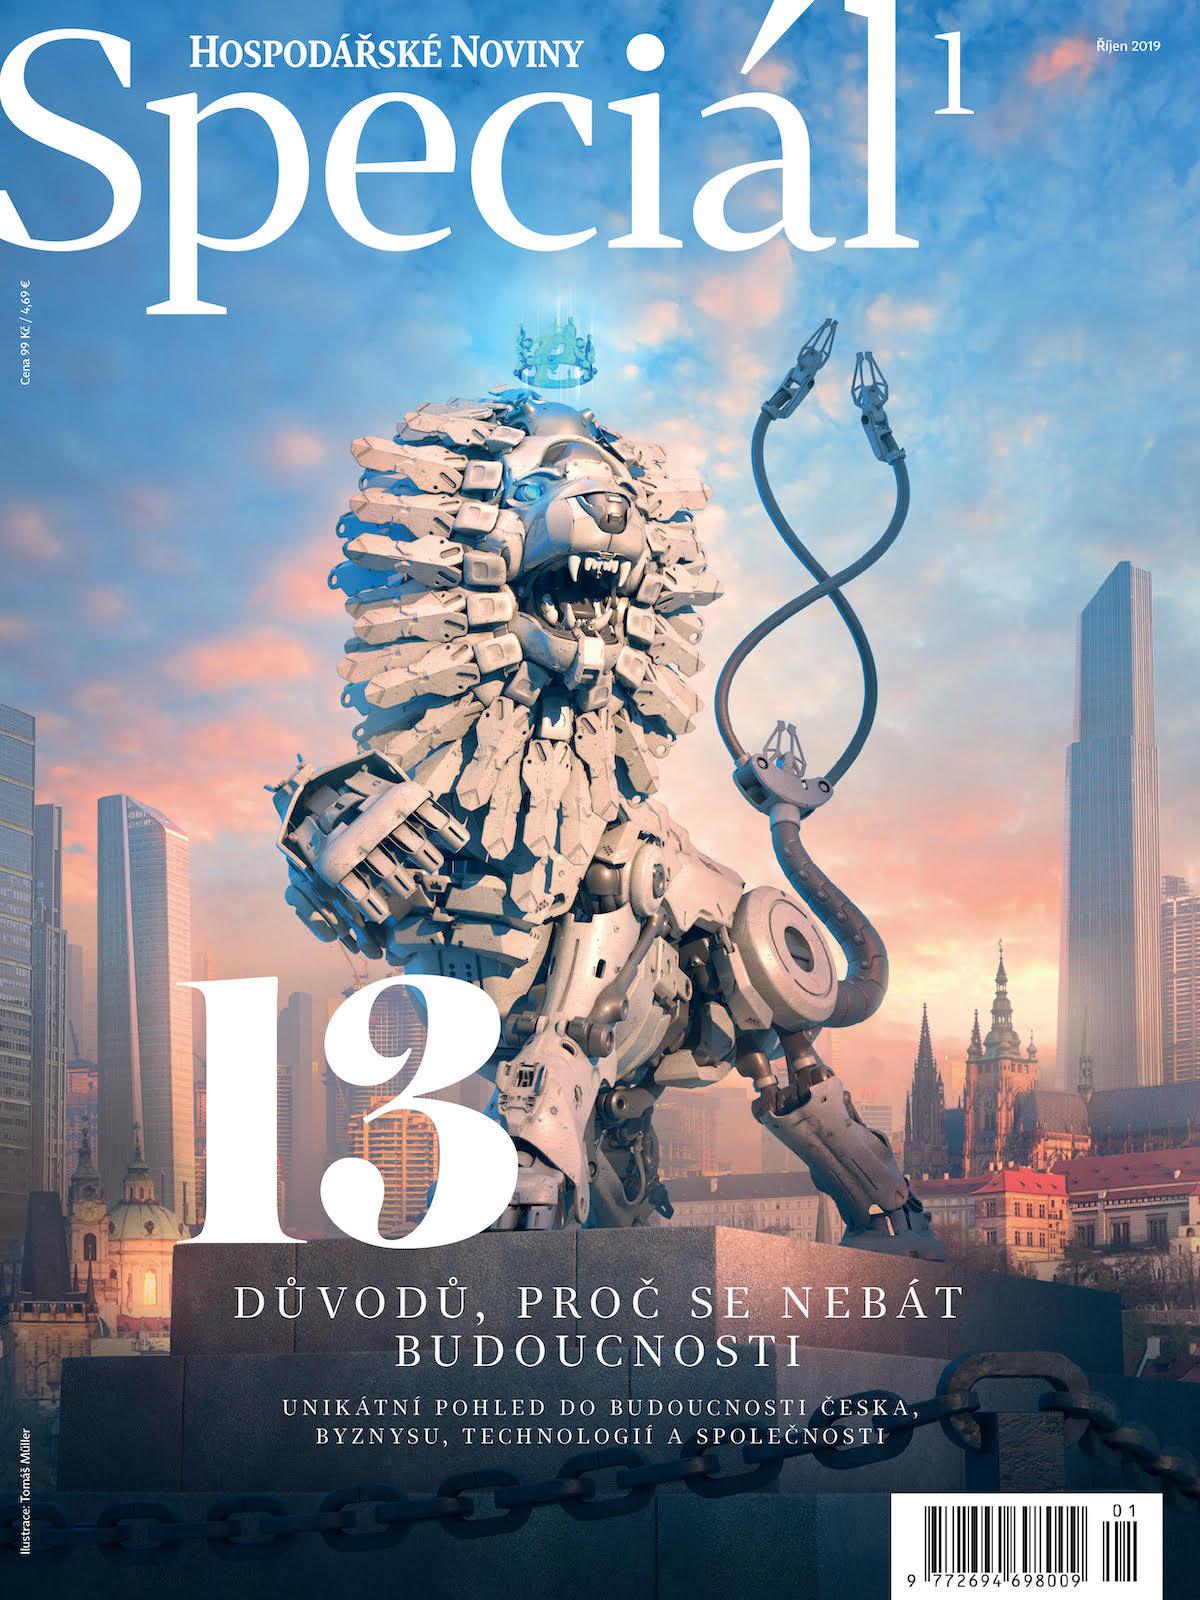 První Speciál Hospodářských novin se zaměřil na budoucnosthn-special